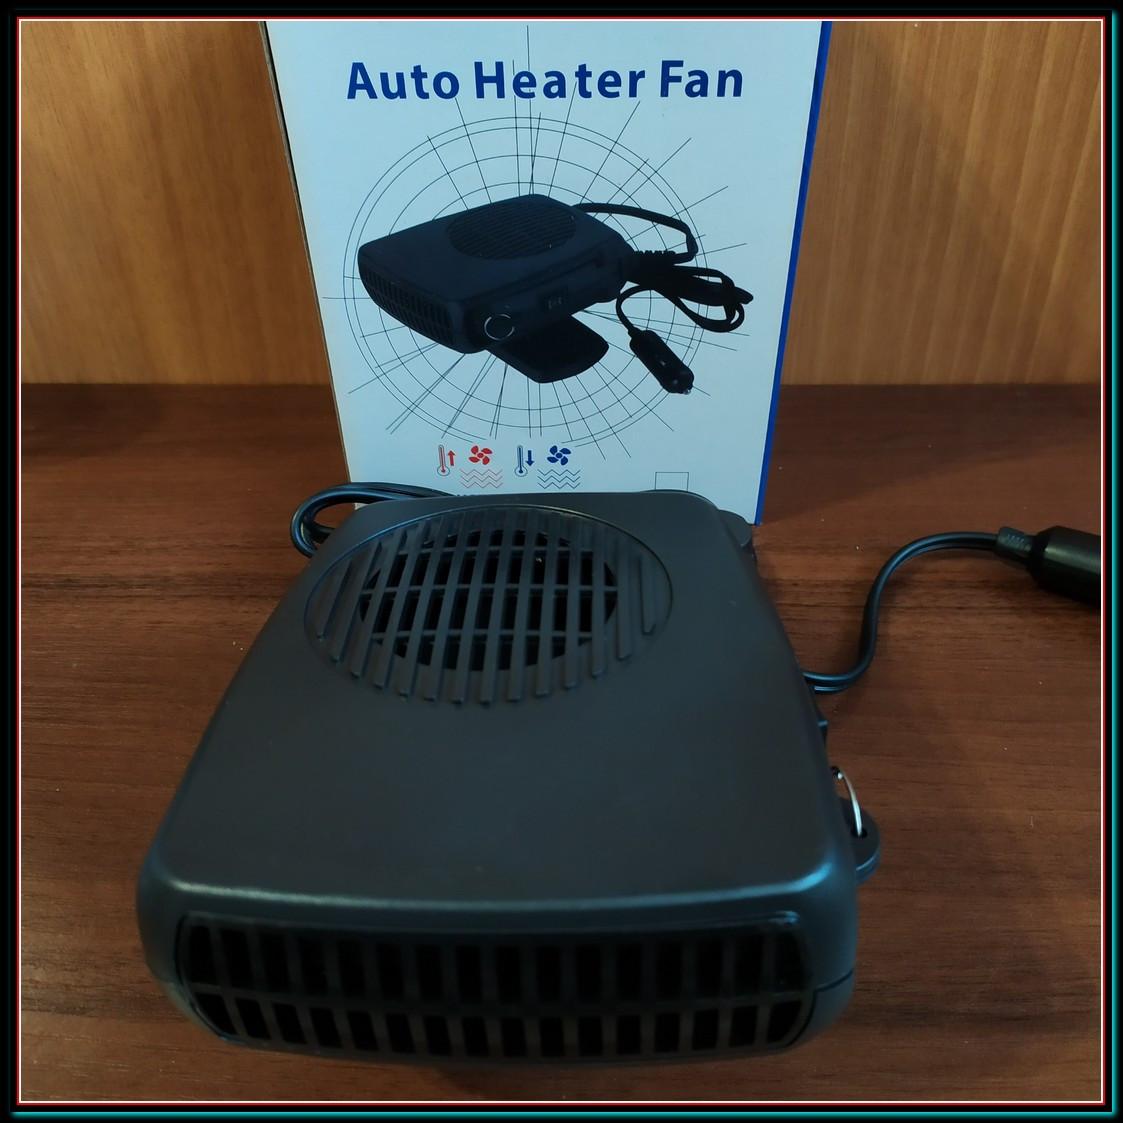 Автофен Auto Heater Fan 12 volt dc обогреватель салона автомобиля